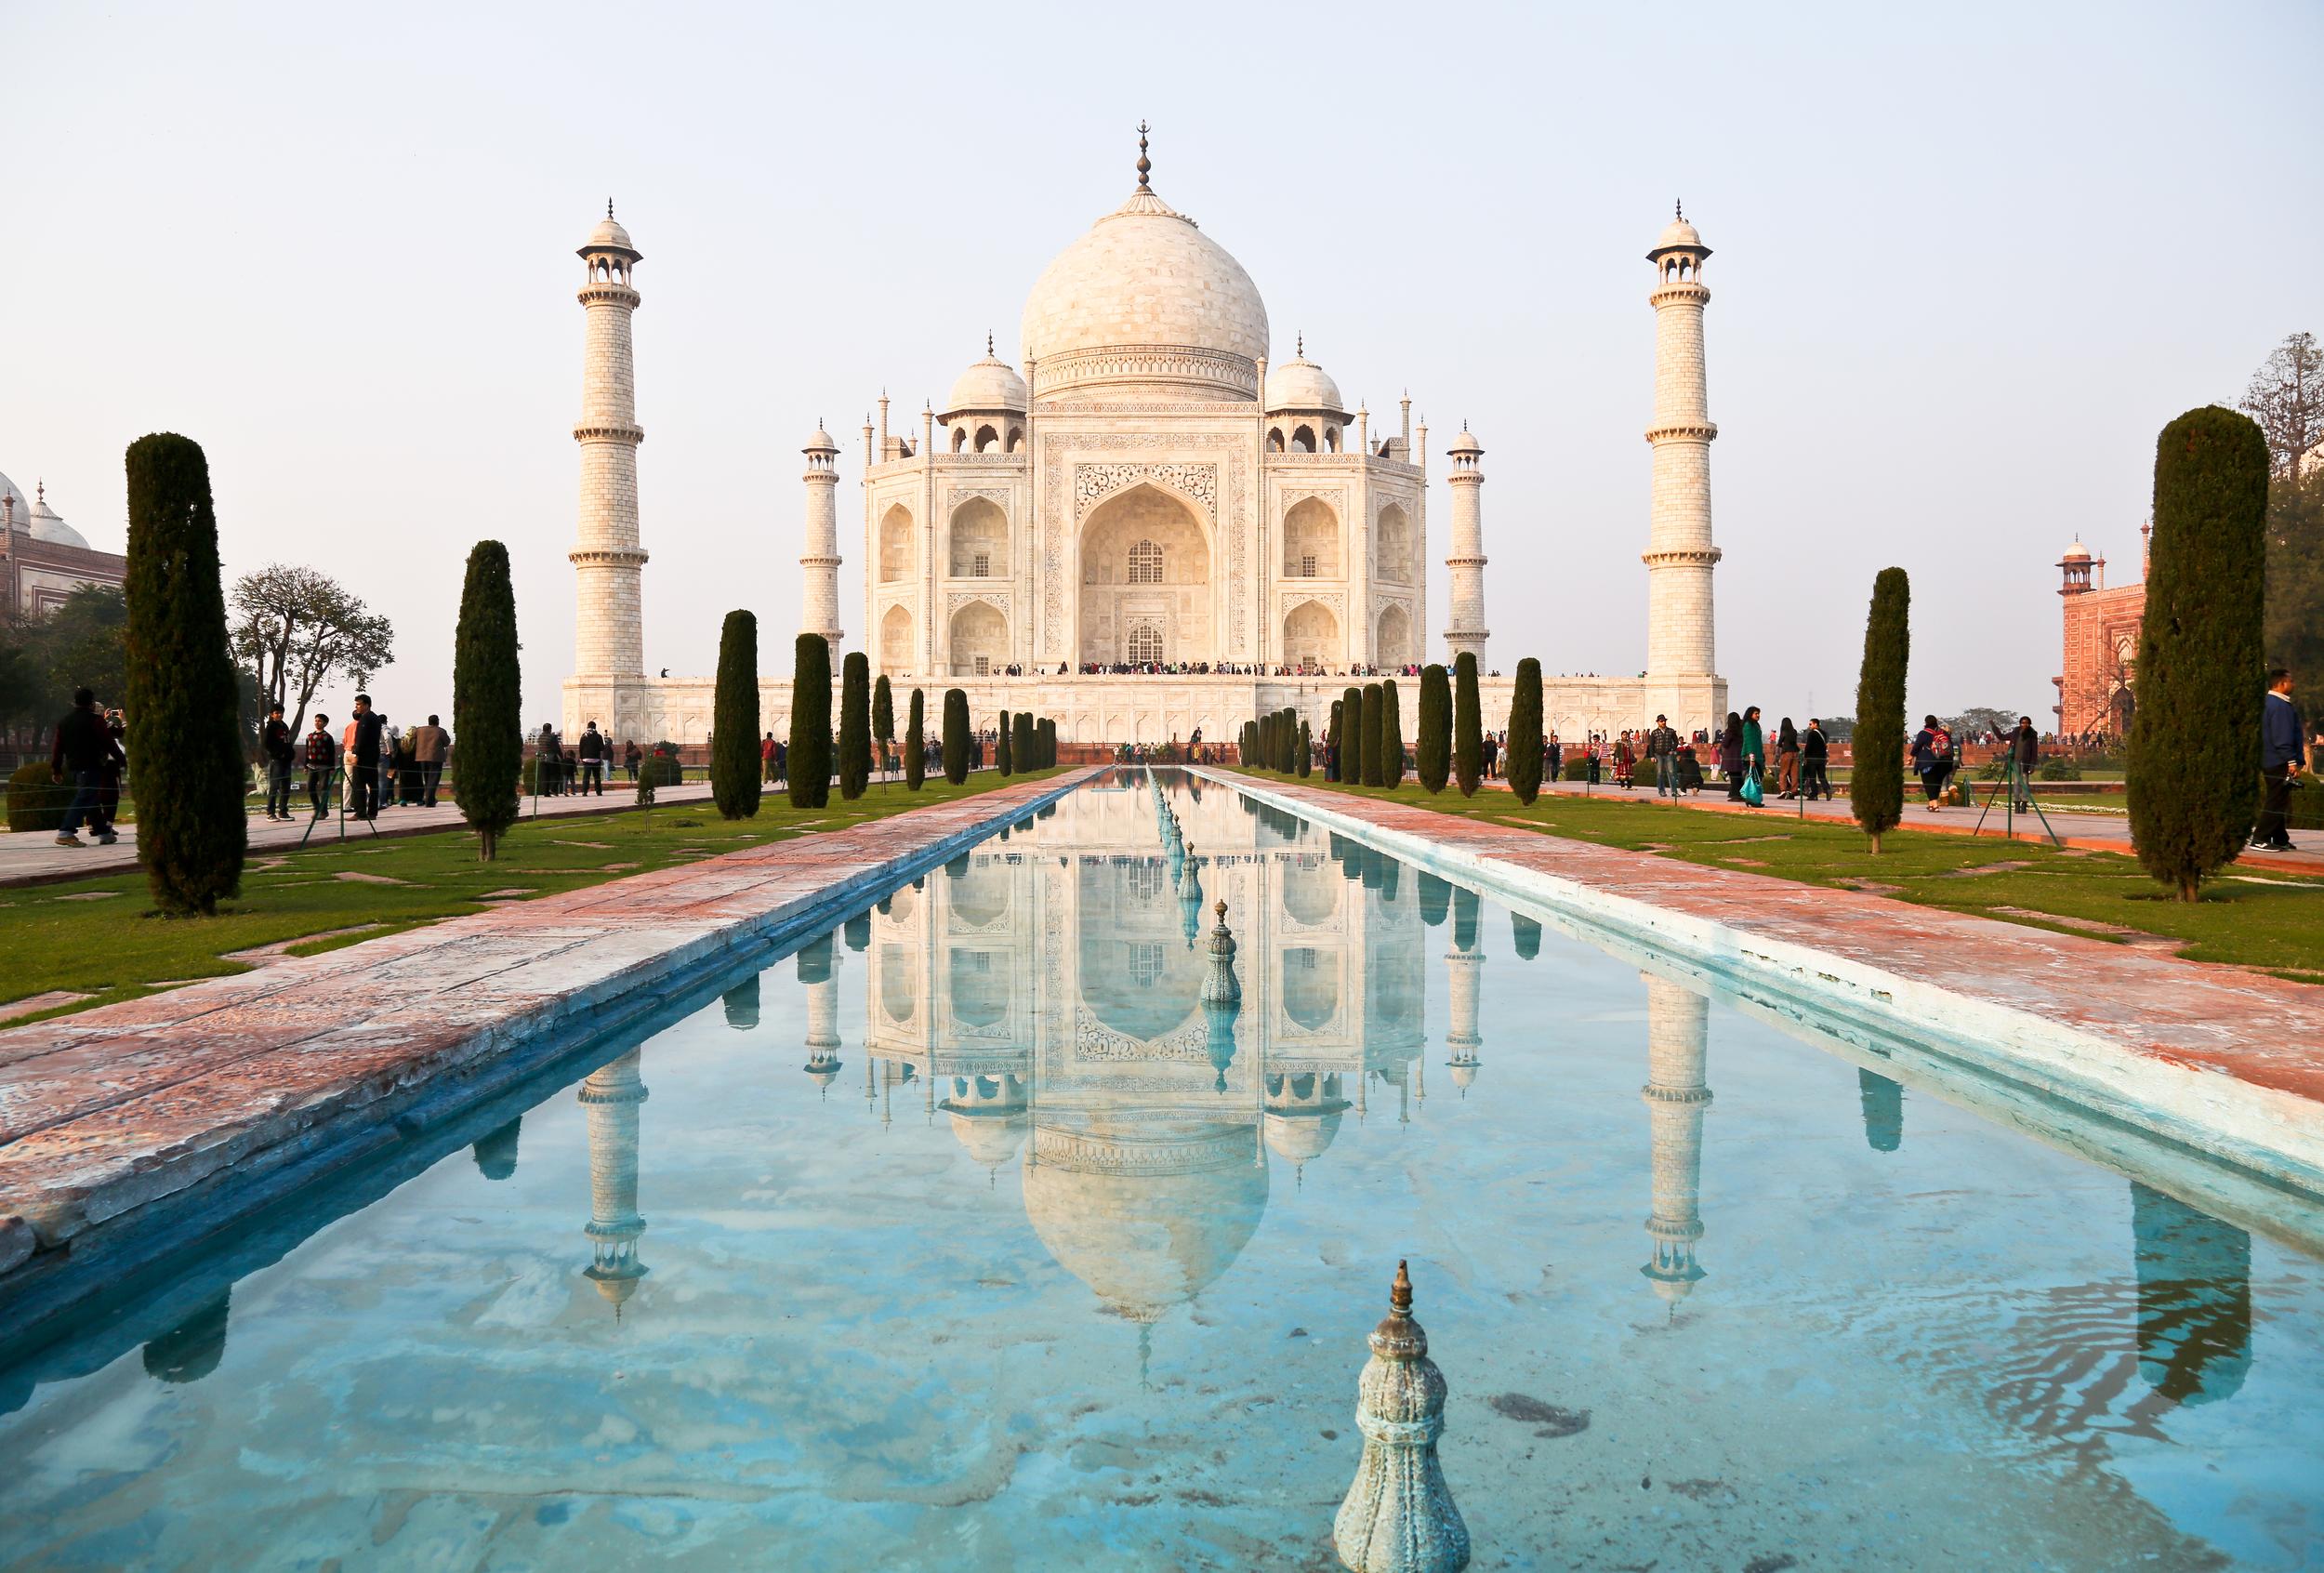 Taj Mahal (Photo by David Kung)